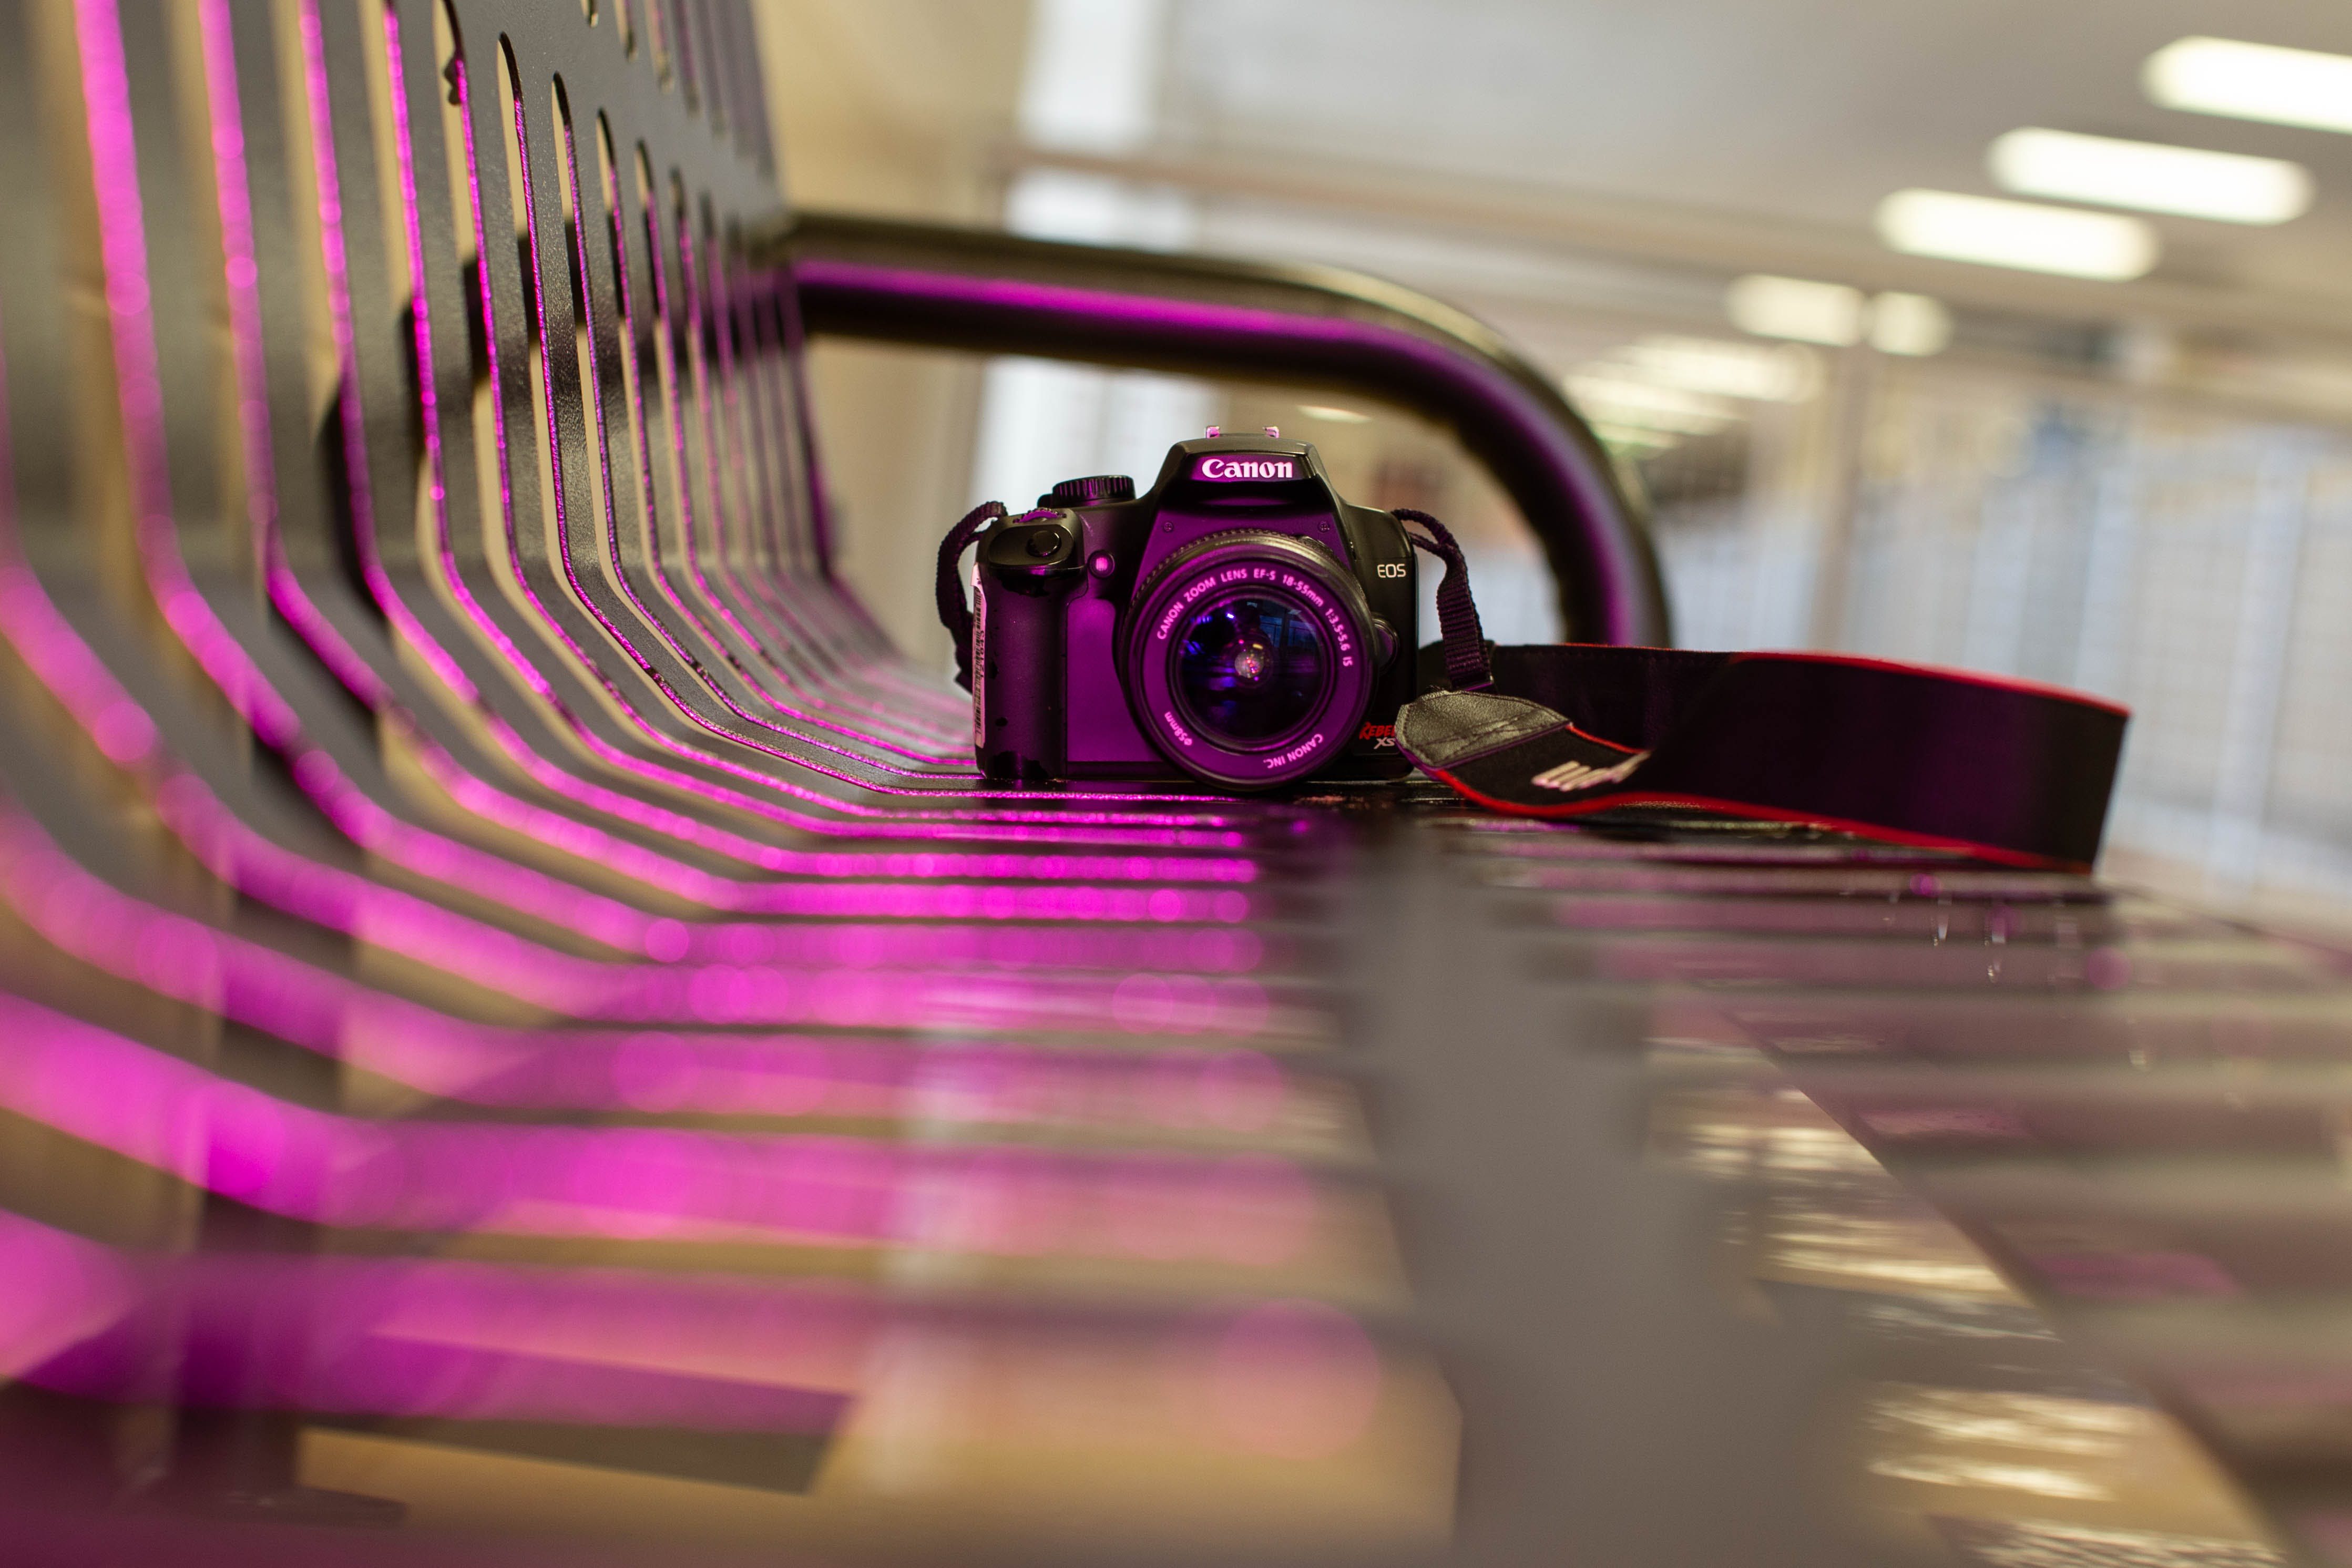 Immagine gratuita di dslr, fotocamera, fotografia, gel